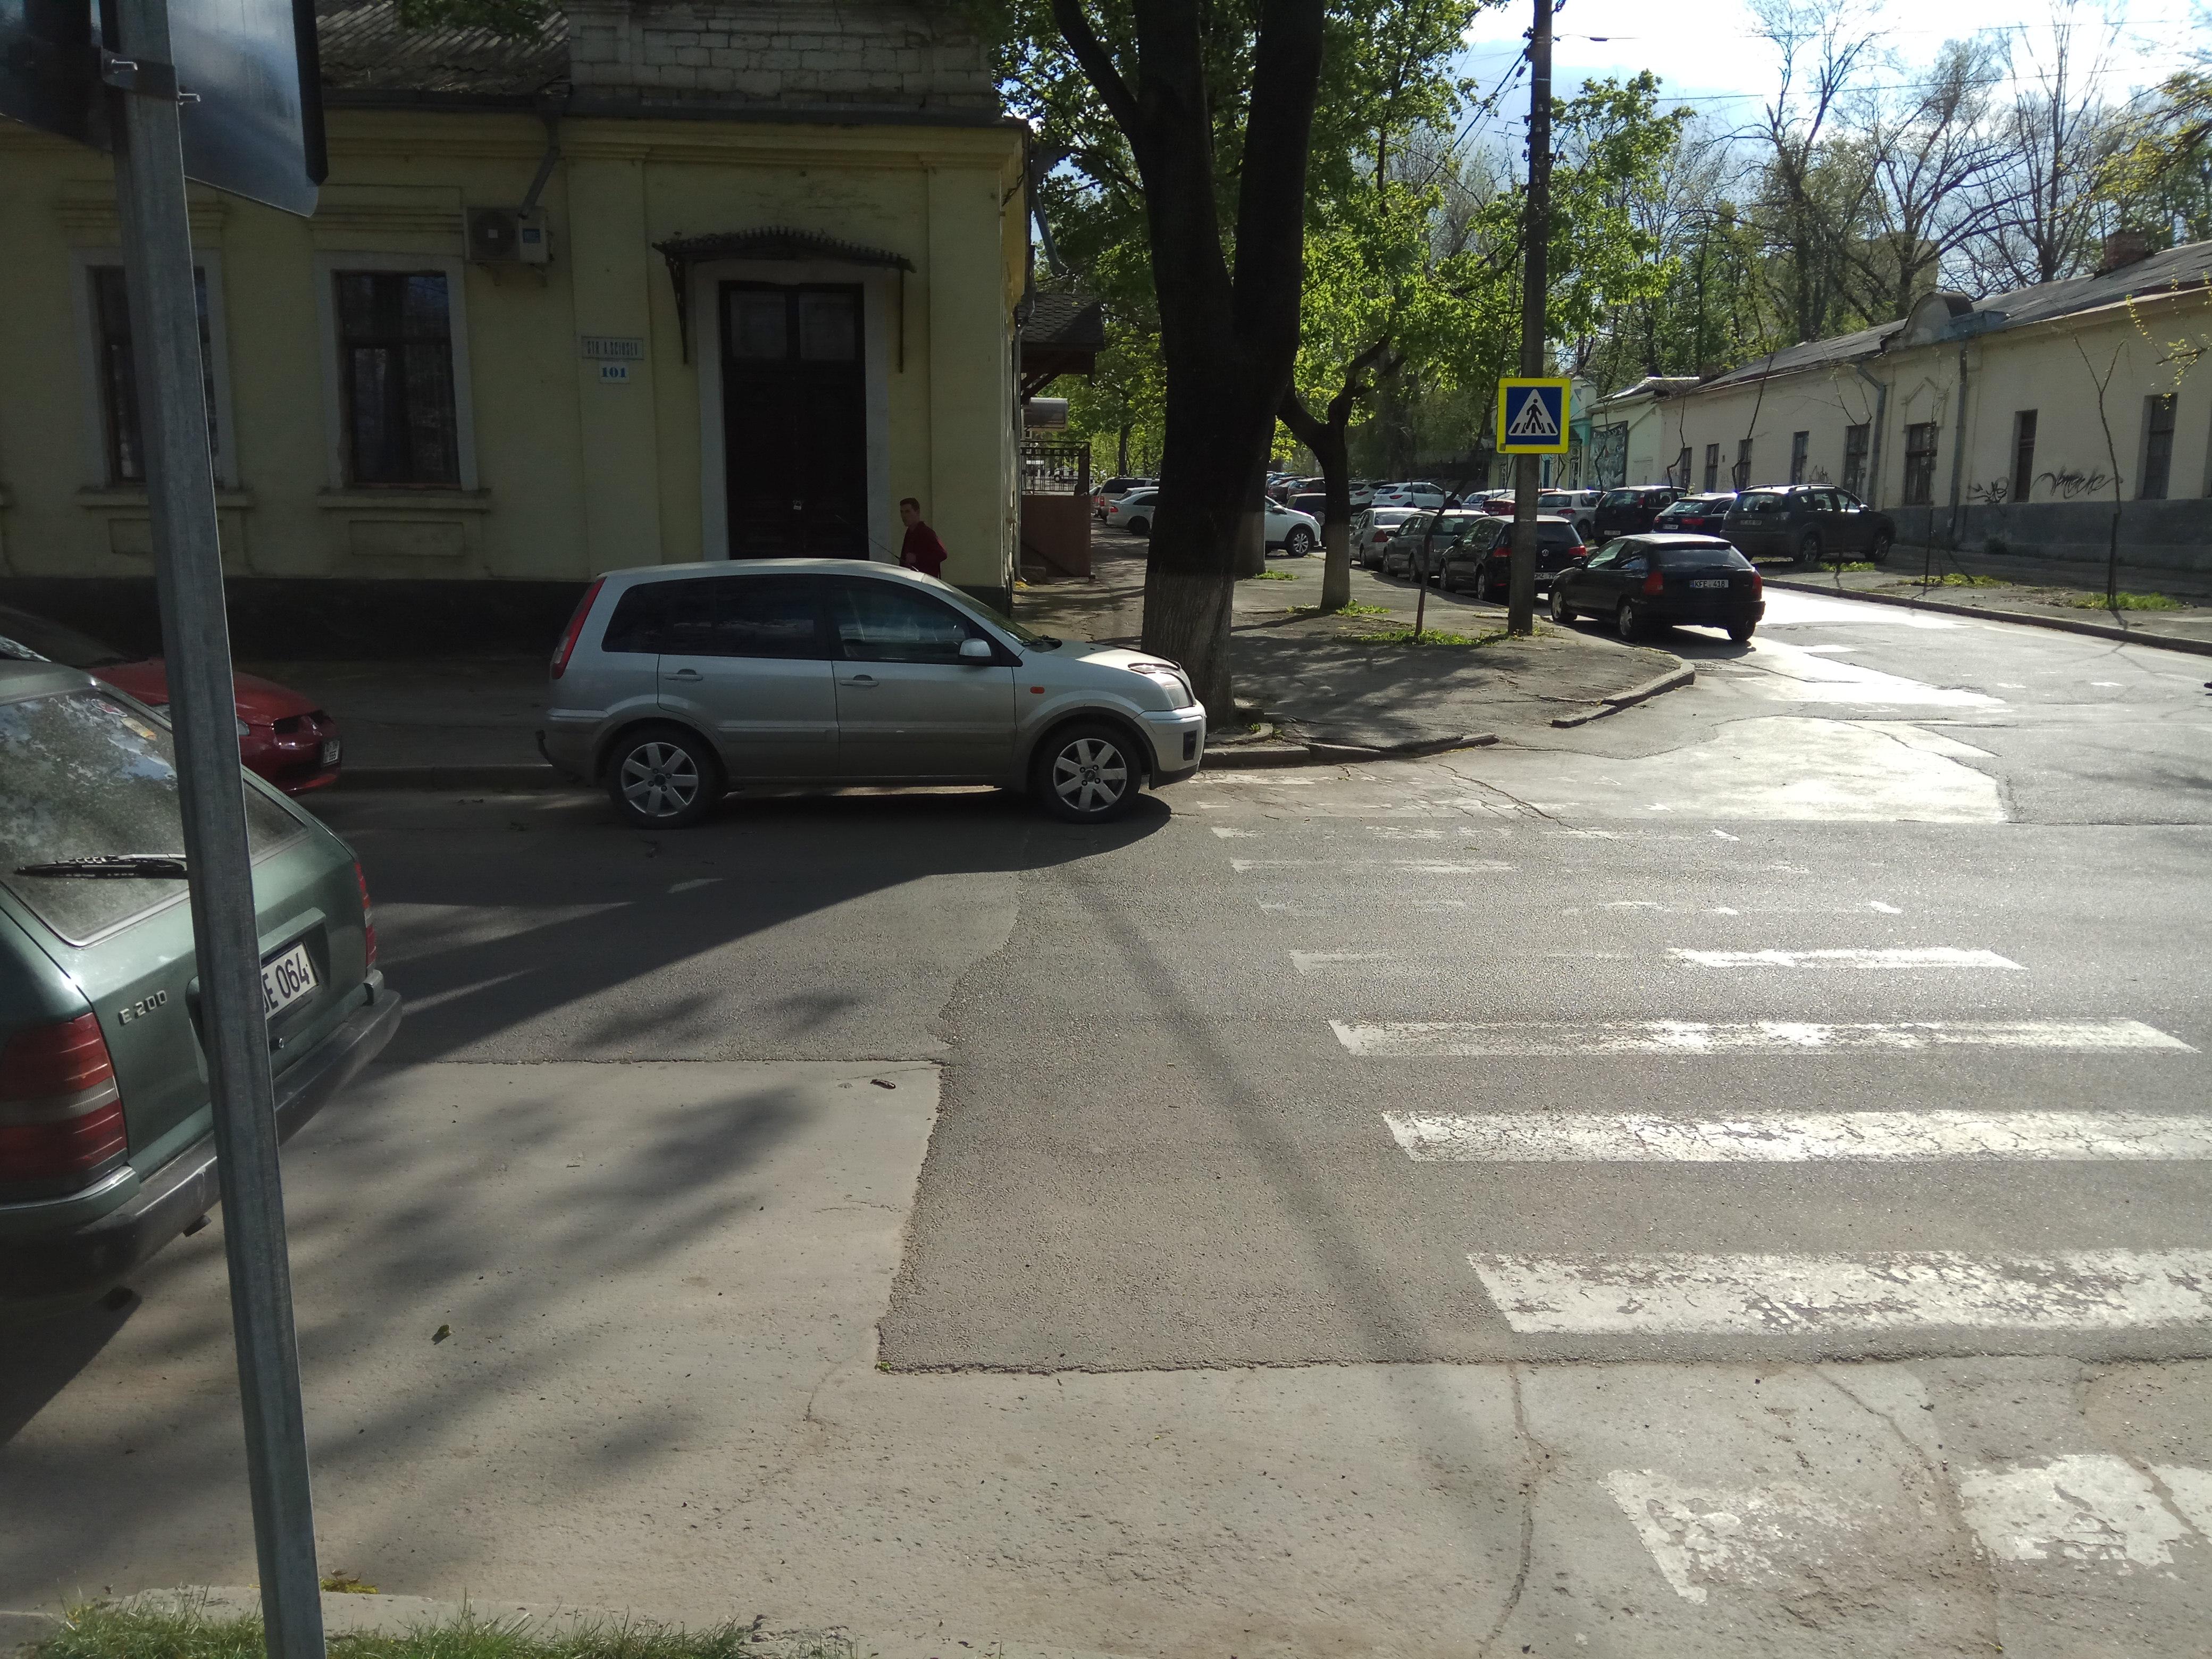 Mașină parcată cu mai puțin de 5 m distanță de trecerea pentru pietoni, fapt ce reduce din vizibilitatea pietonilor